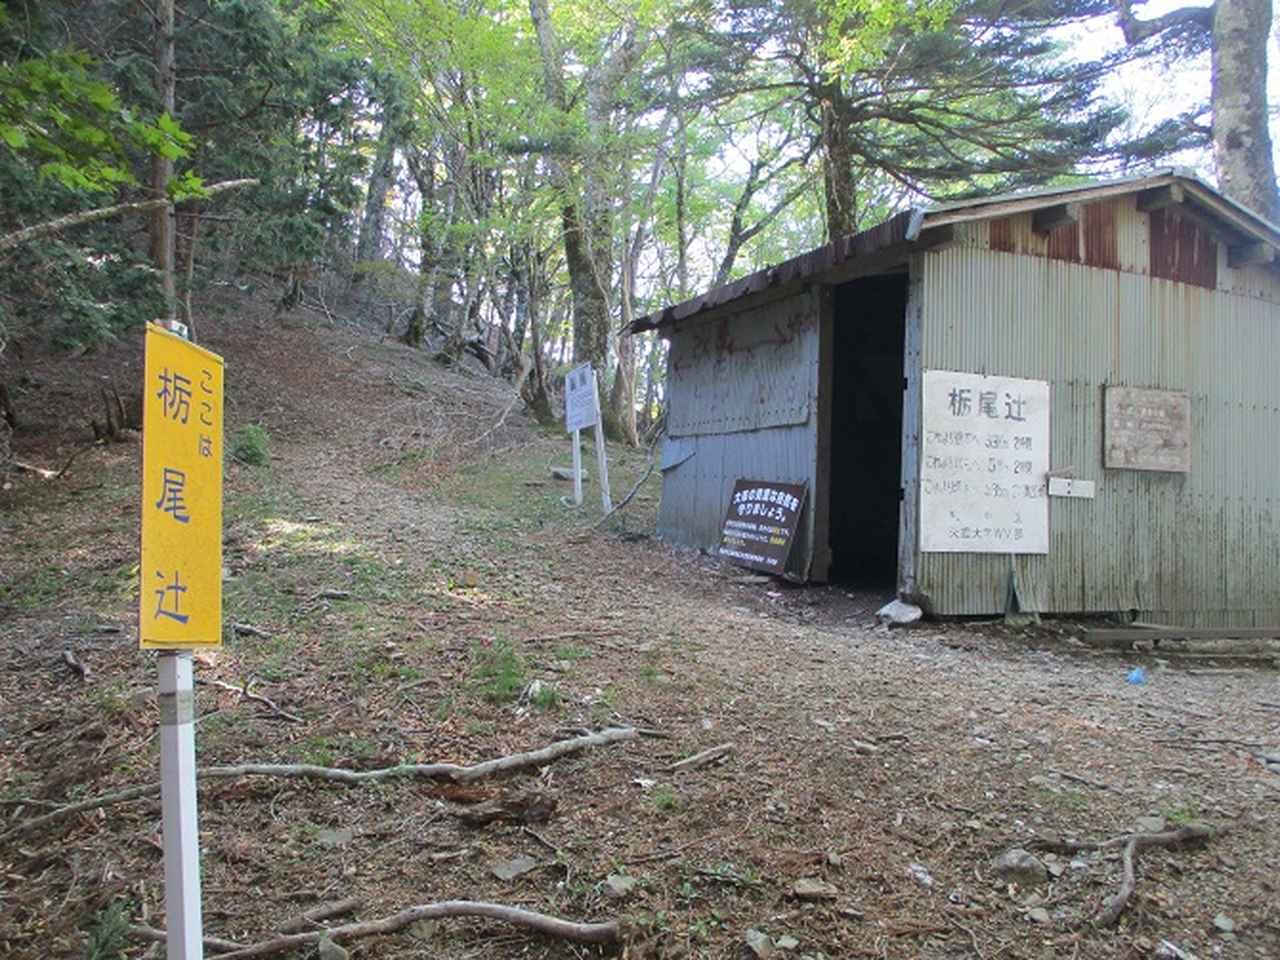 画像8: 来年の宿泊ツアーの企画の素材を探して奈良県の大峰山に行ってきました!